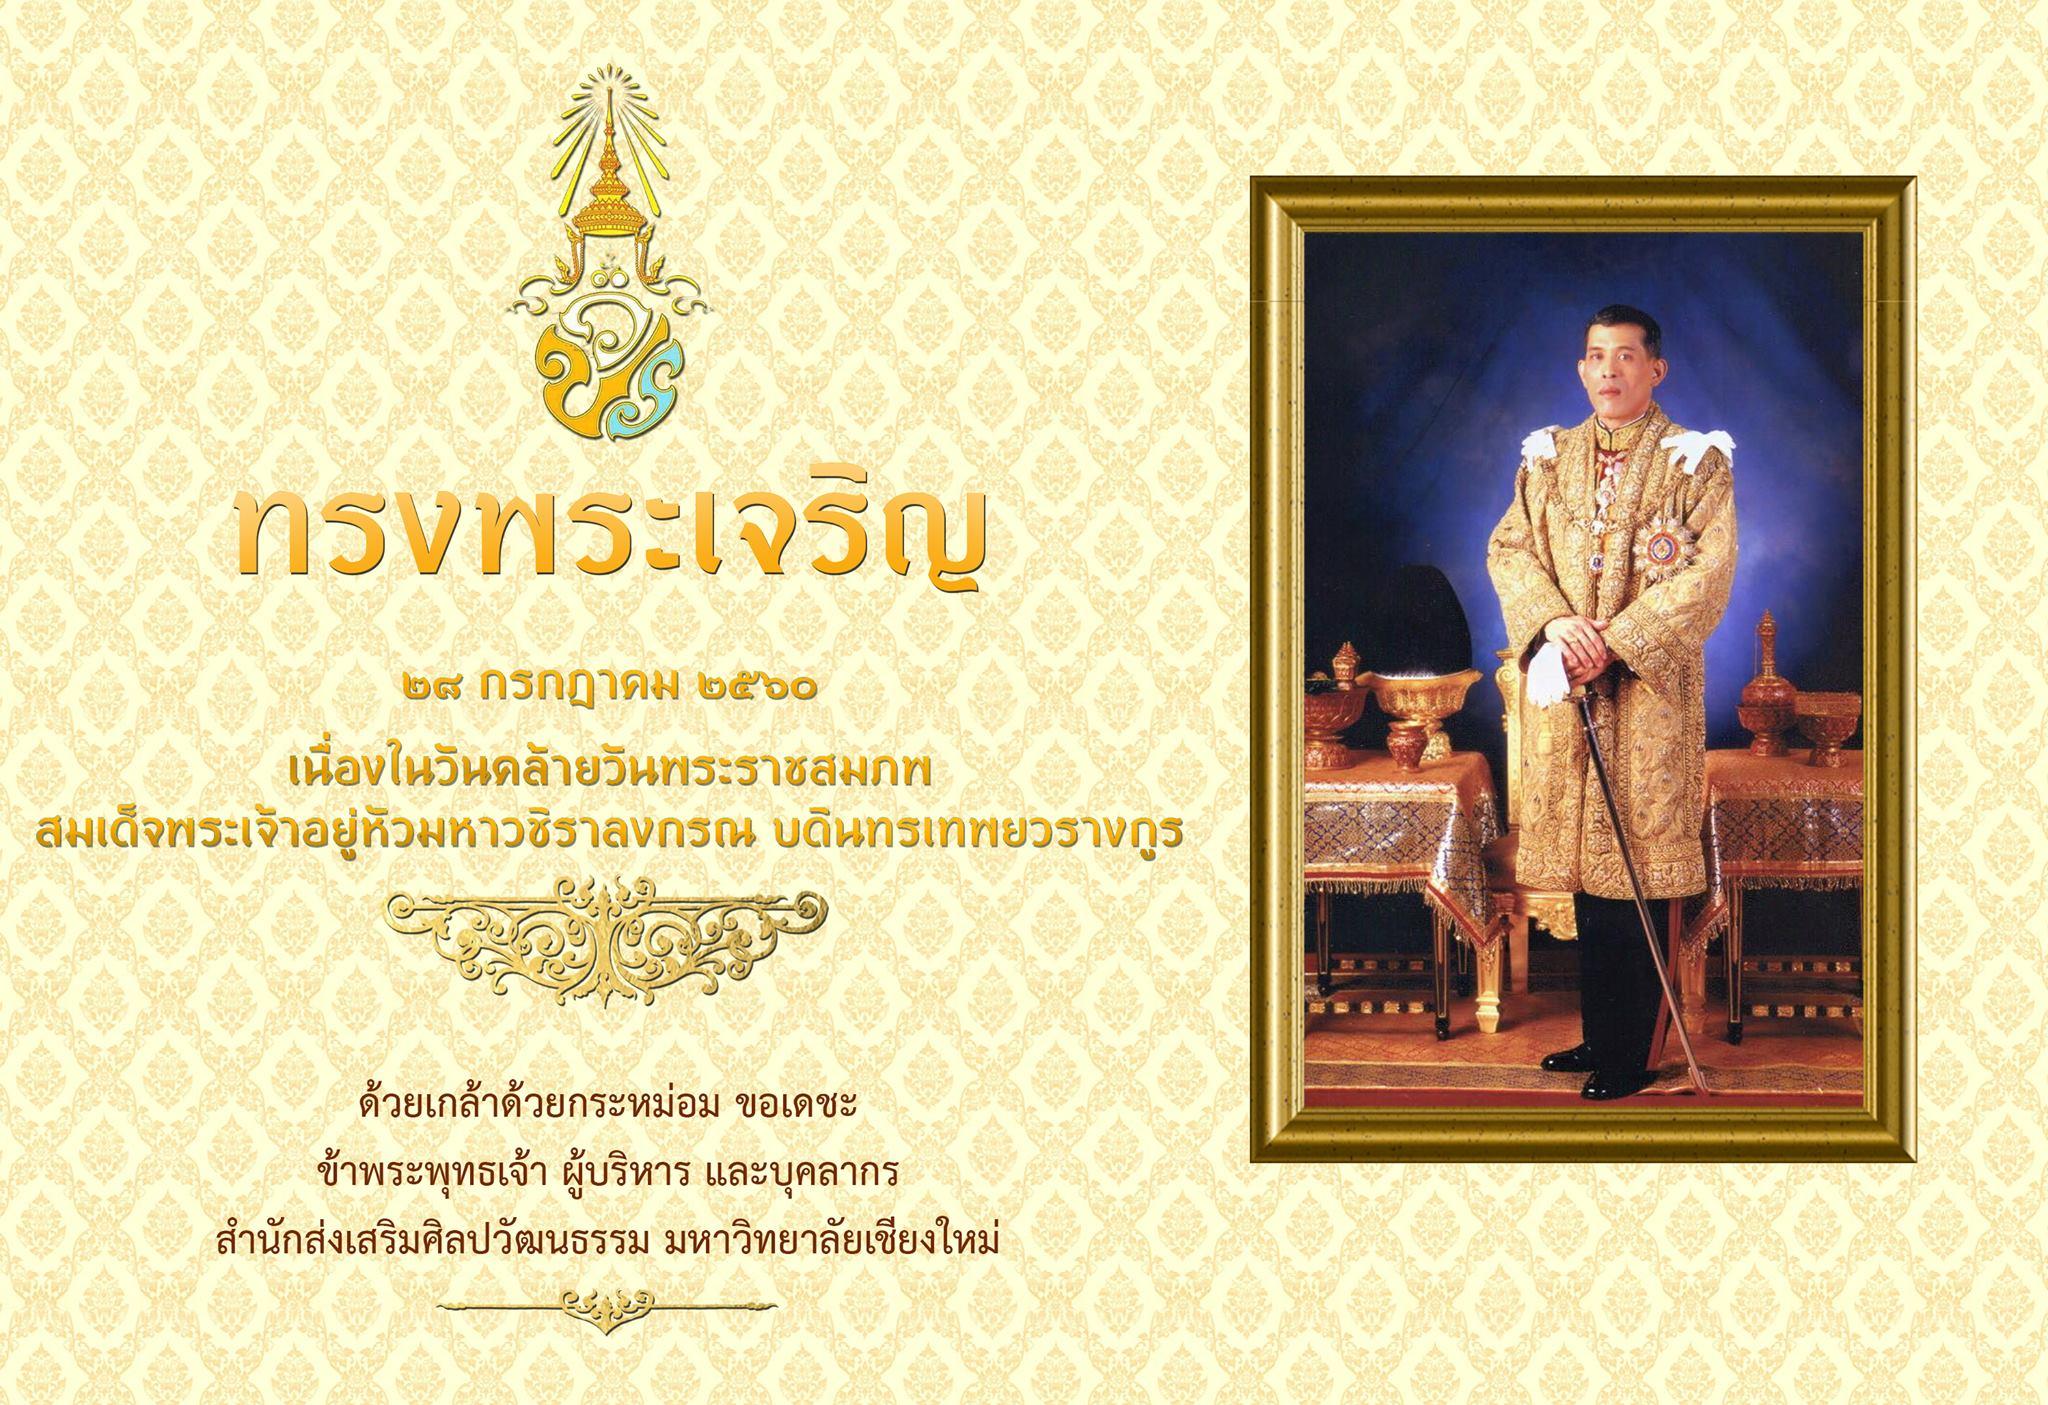 ทรงพระเจริญ 28 กรกฎาคม 2560 เนื่องในวันคล้ายวันพระราชสมภพ สมเด็จพระเจ้าอยู่หัวมหาวชิราลงกรณ บดินทรเทพยวรางกูร